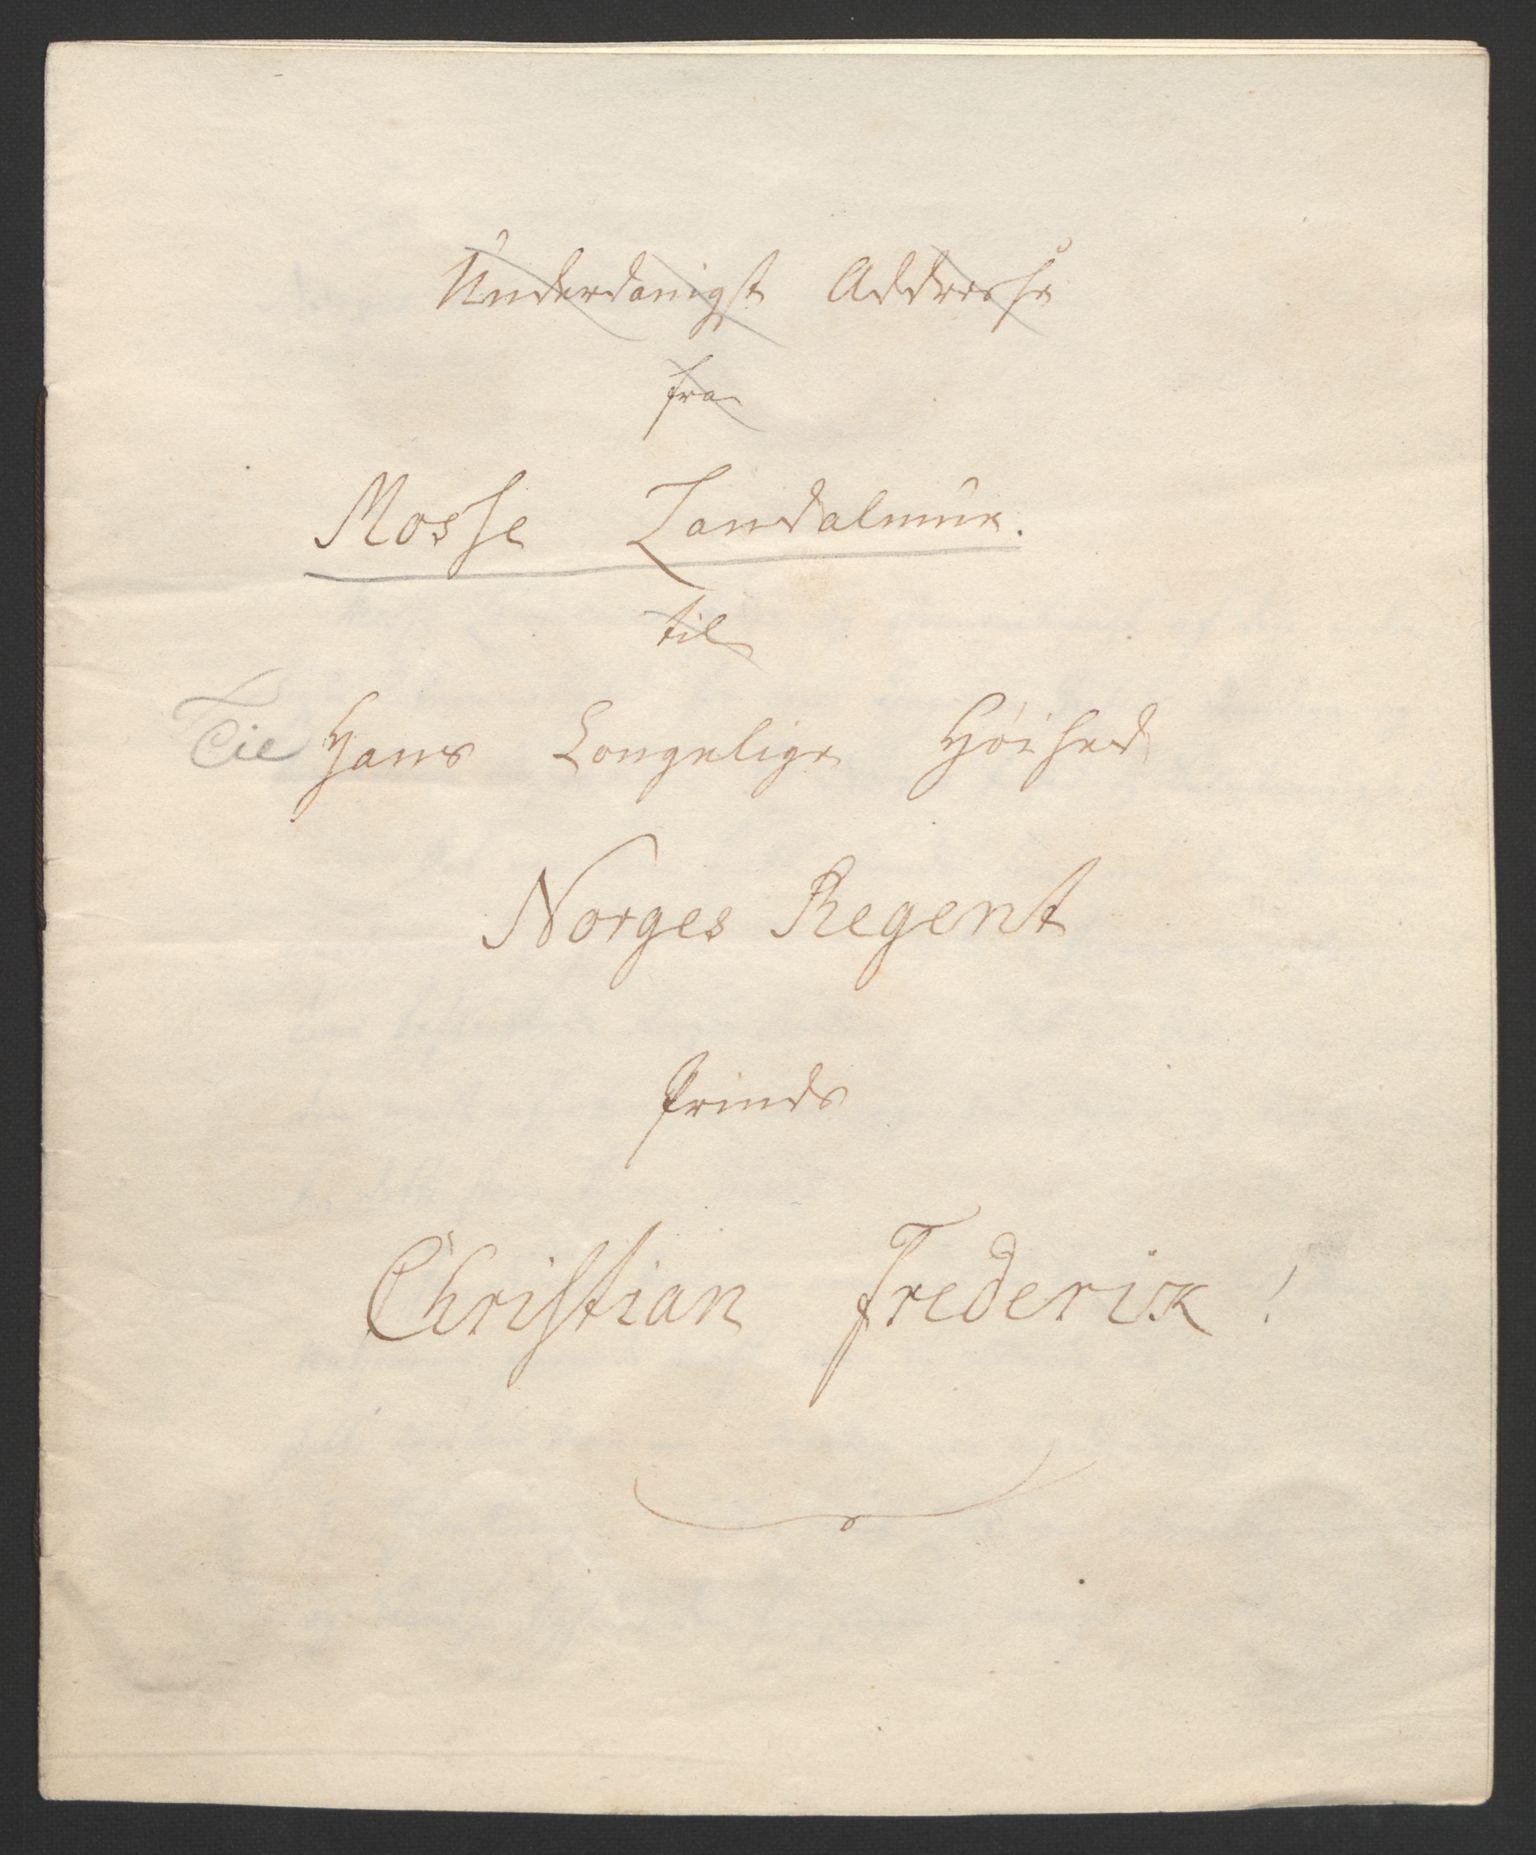 RA, Statsrådssekretariatet, D/Db/L0007: Fullmakter for Eidsvollsrepresentantene i 1814. , 1814, s. 153